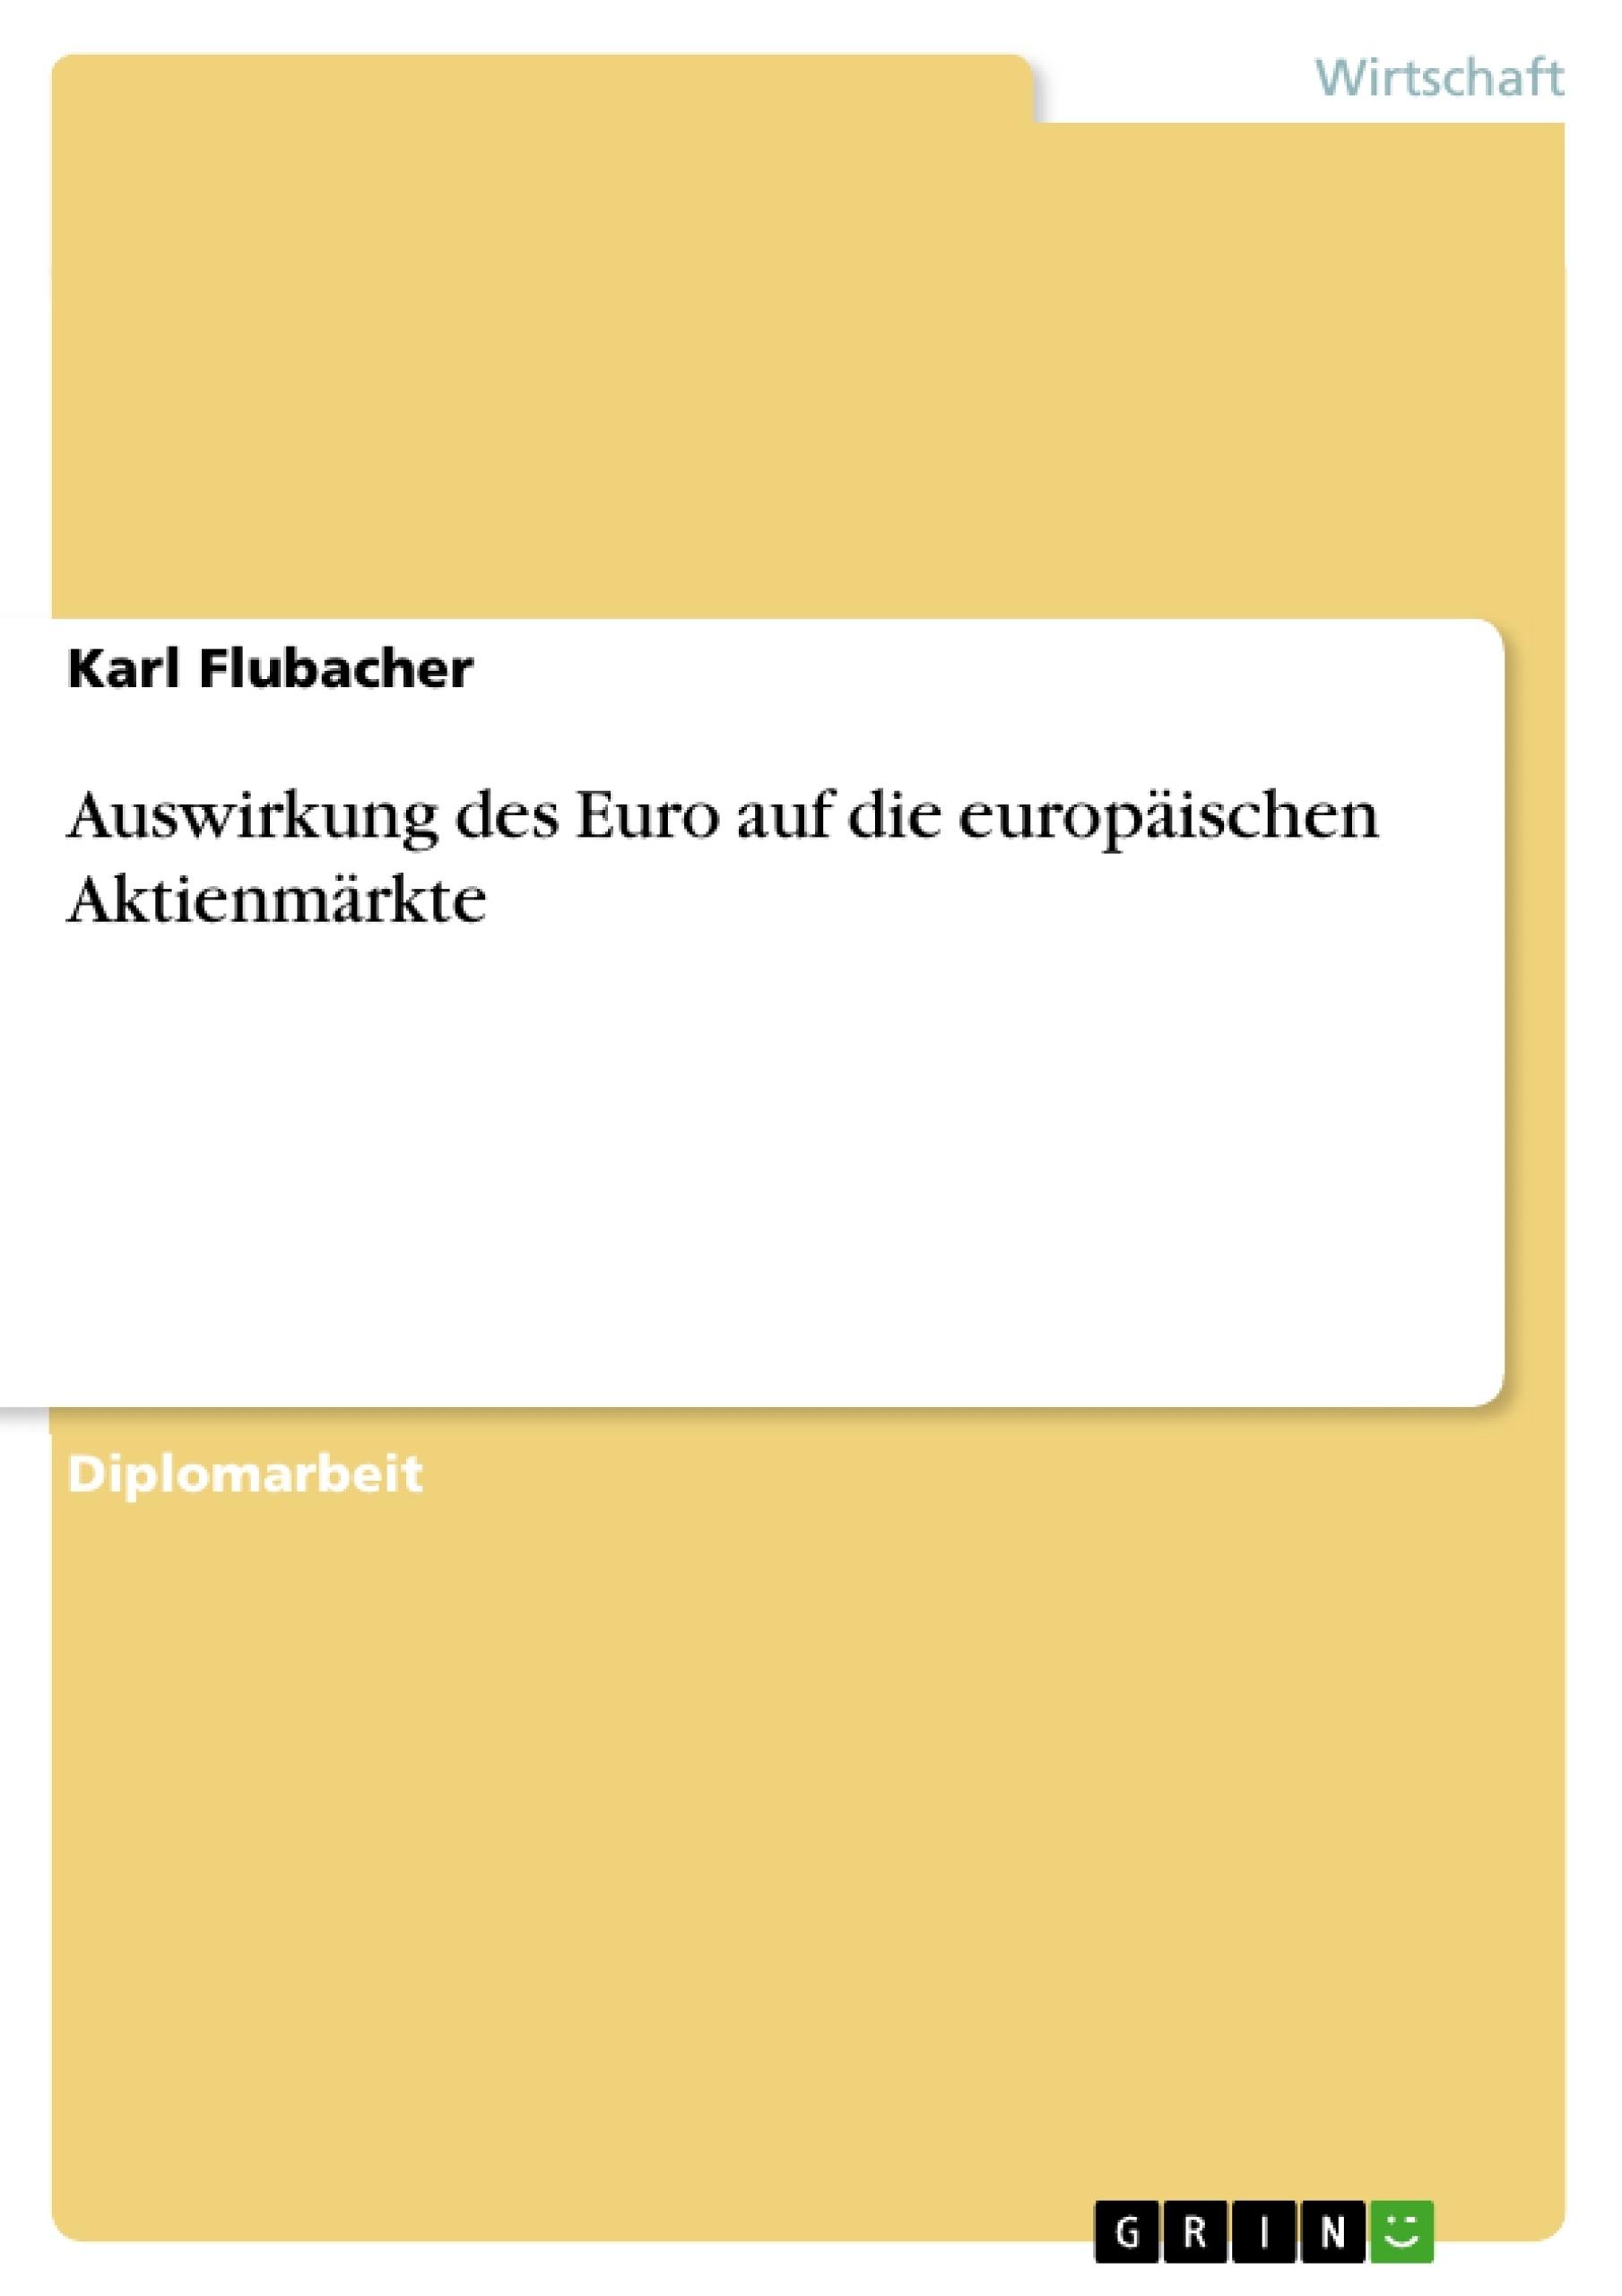 Titel: Auswirkung des Euro auf die europäischen Aktienmärkte